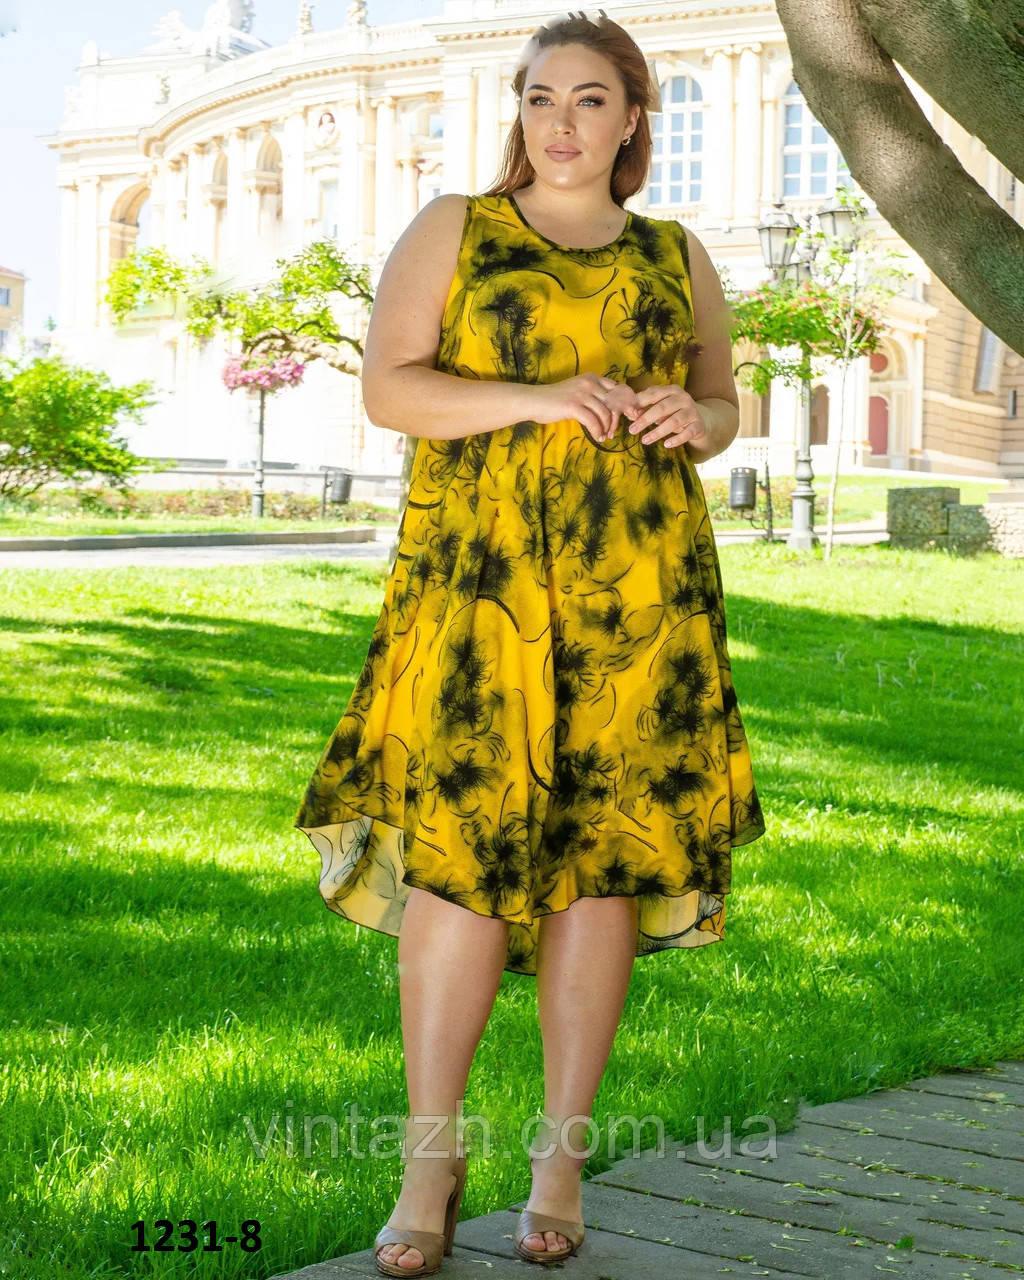 Сочный нарядный сарафан летний размеры 52-56